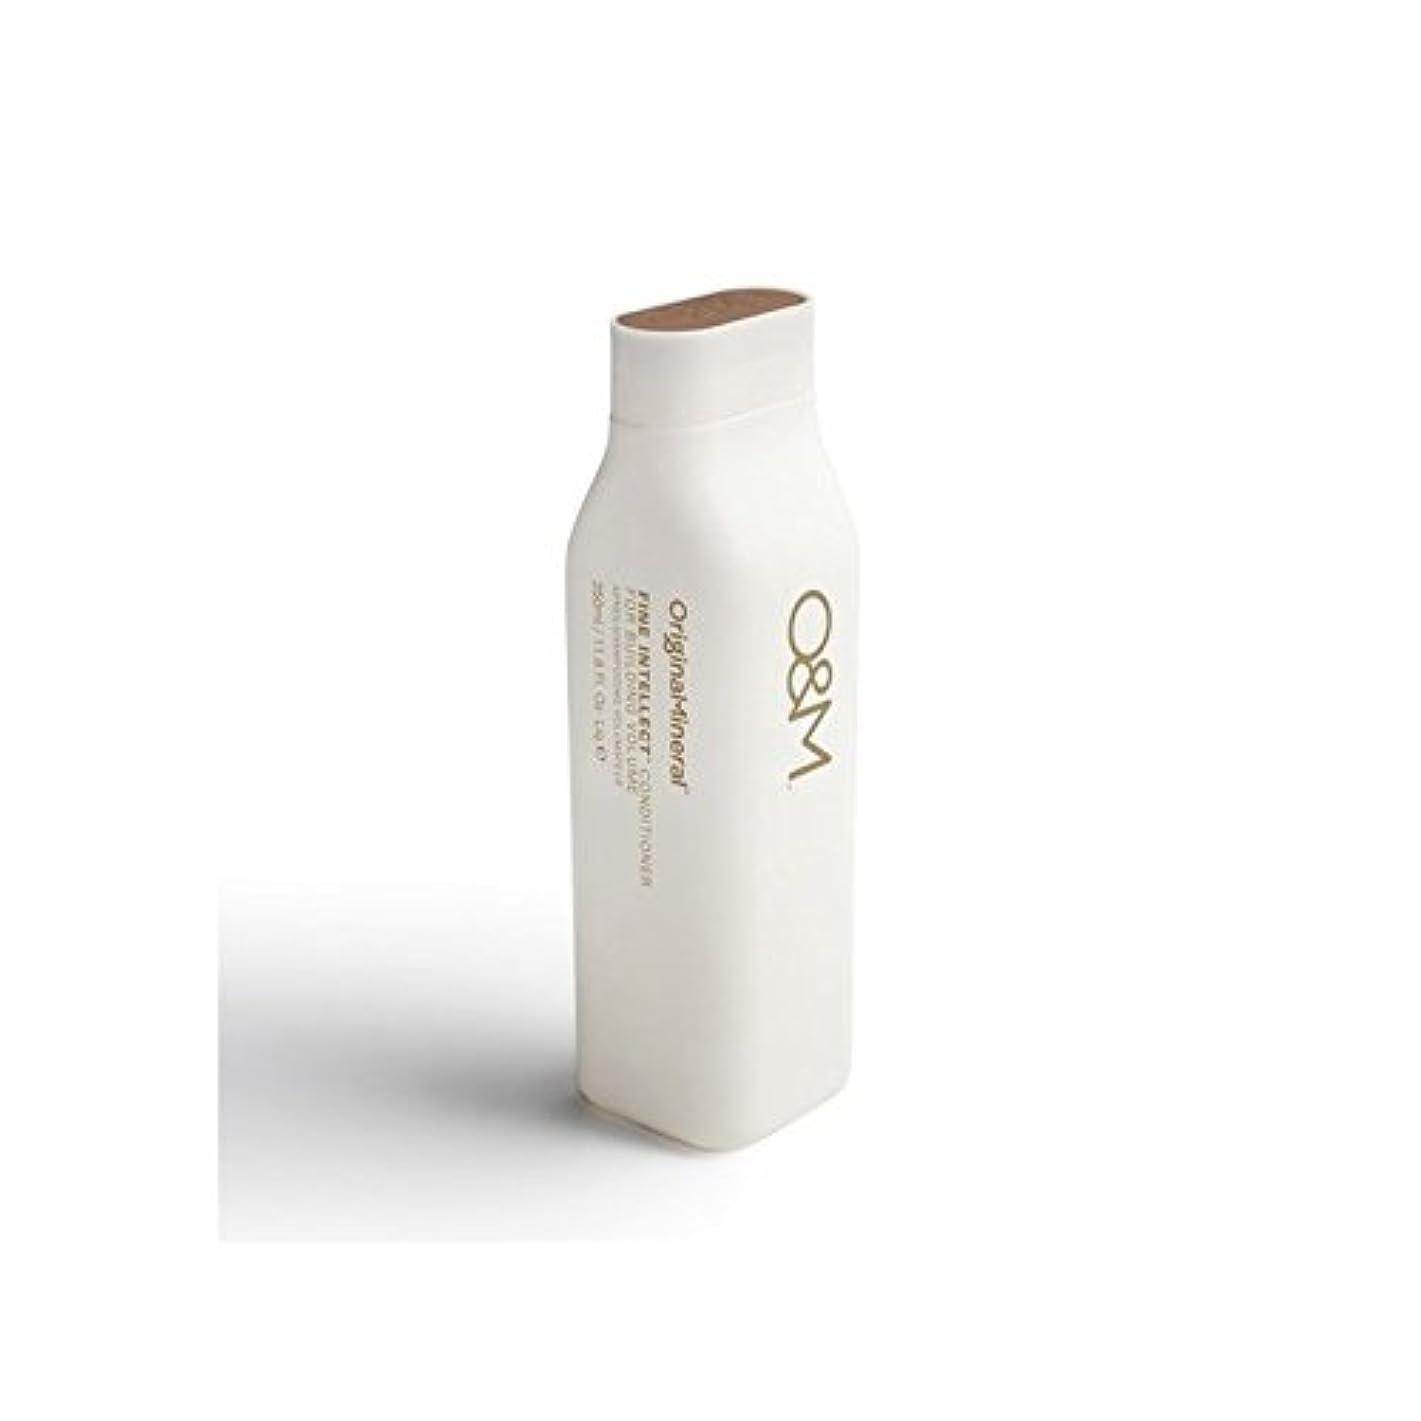 チーフ爆発心のこもったオリジナル&ミネラル細かい知性コンディショナー(350ミリリットル) x2 - Original & Mineral Fine Intellect Conditioner (350ml) (Pack of 2) [並行輸入品]